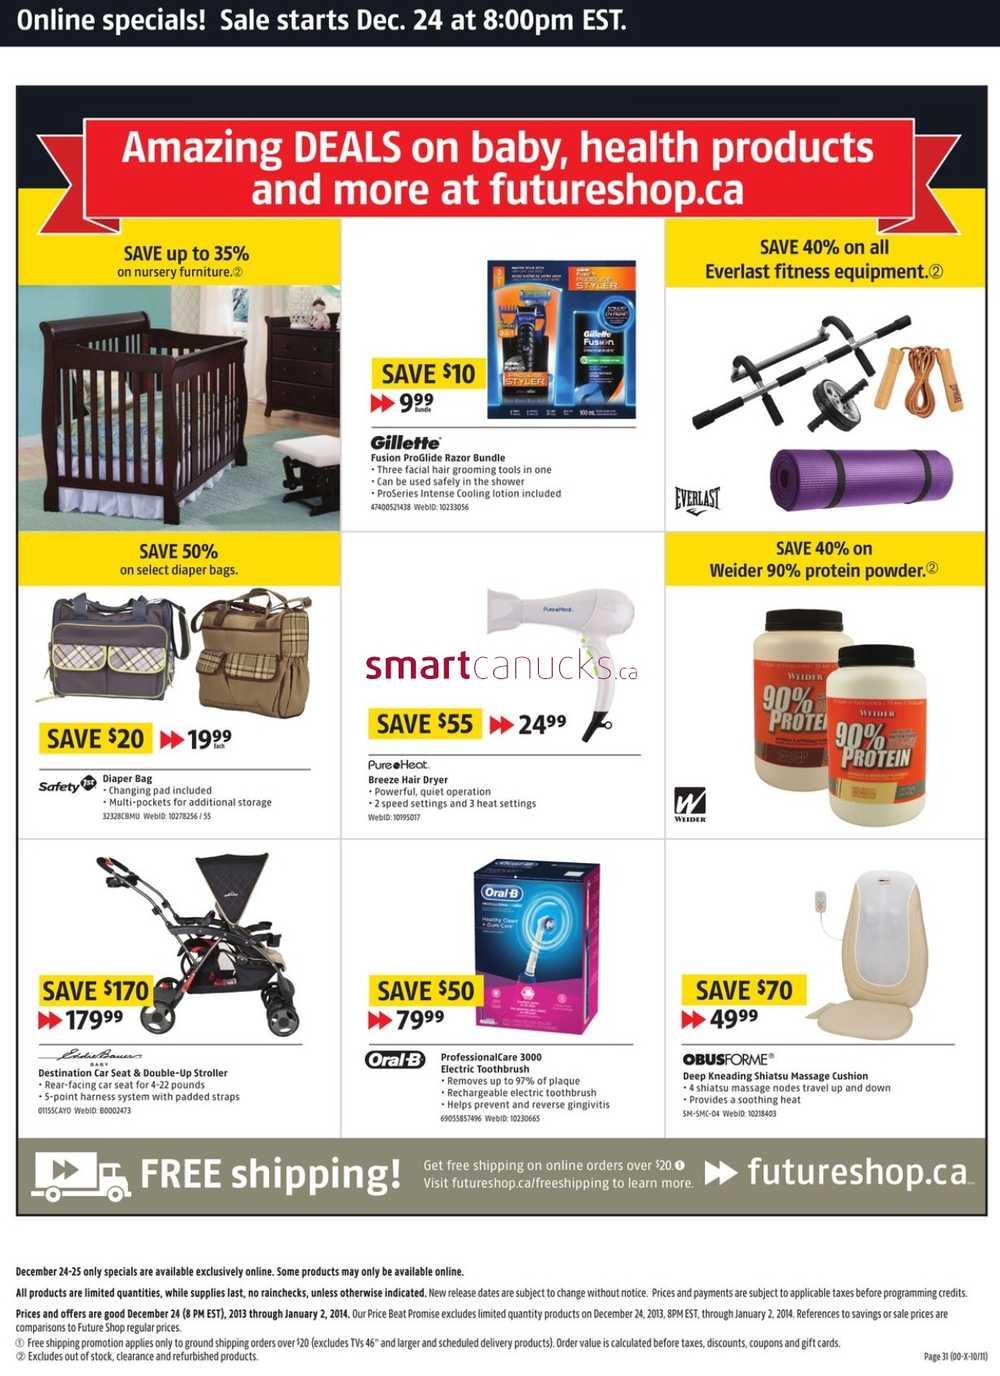 Boxing day deals future shop canada